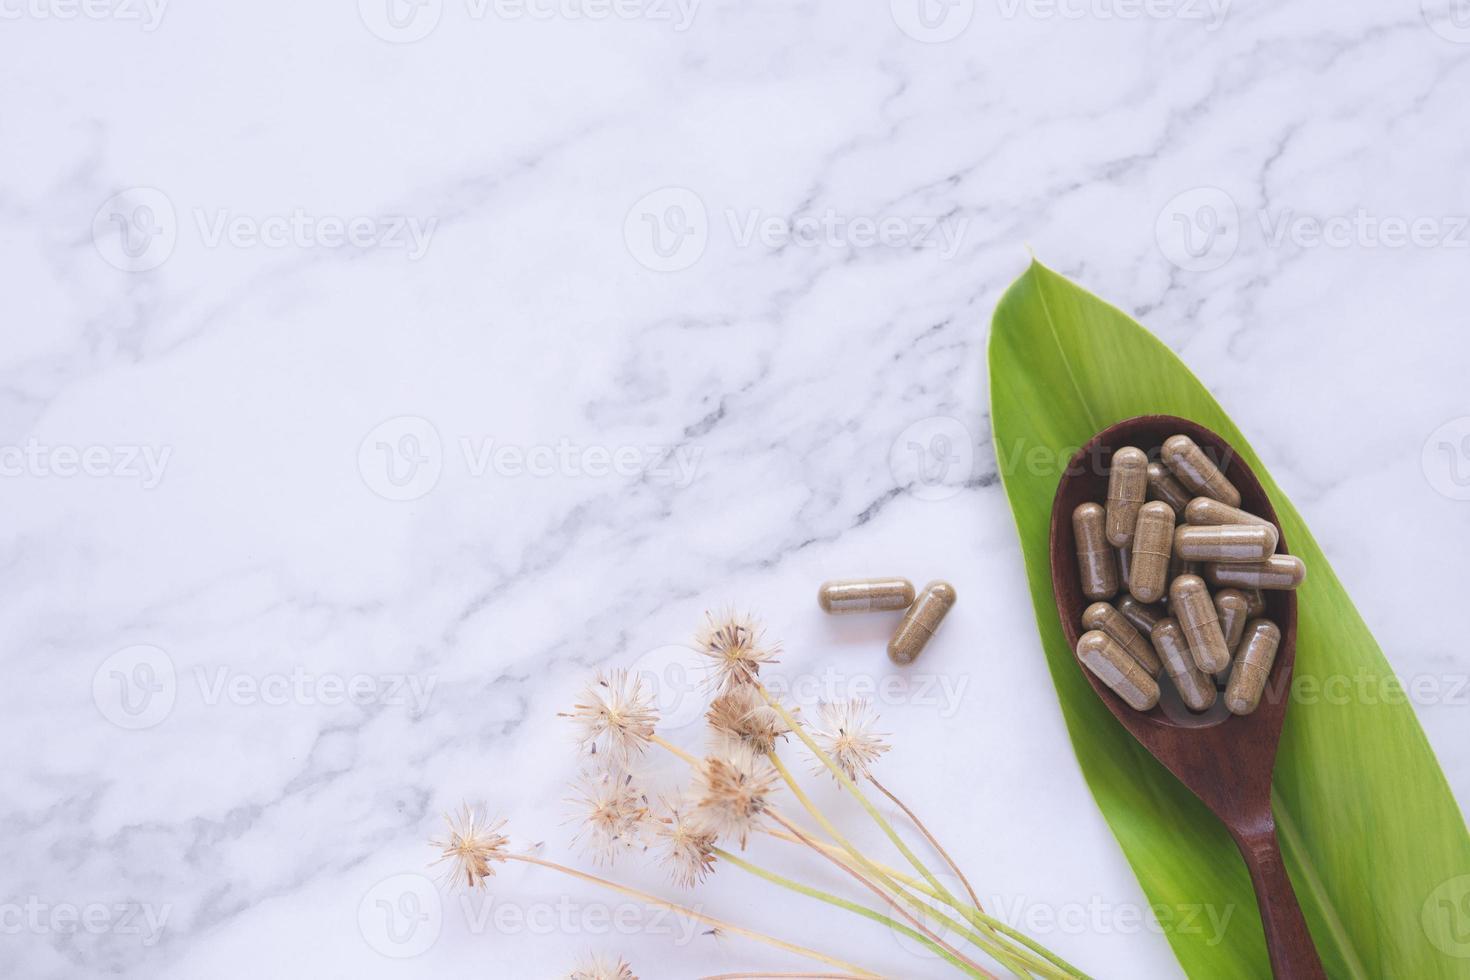 Medicina herbaria en cápsulas en cuchara de madera con hoja verde sobre mármol blanco foto